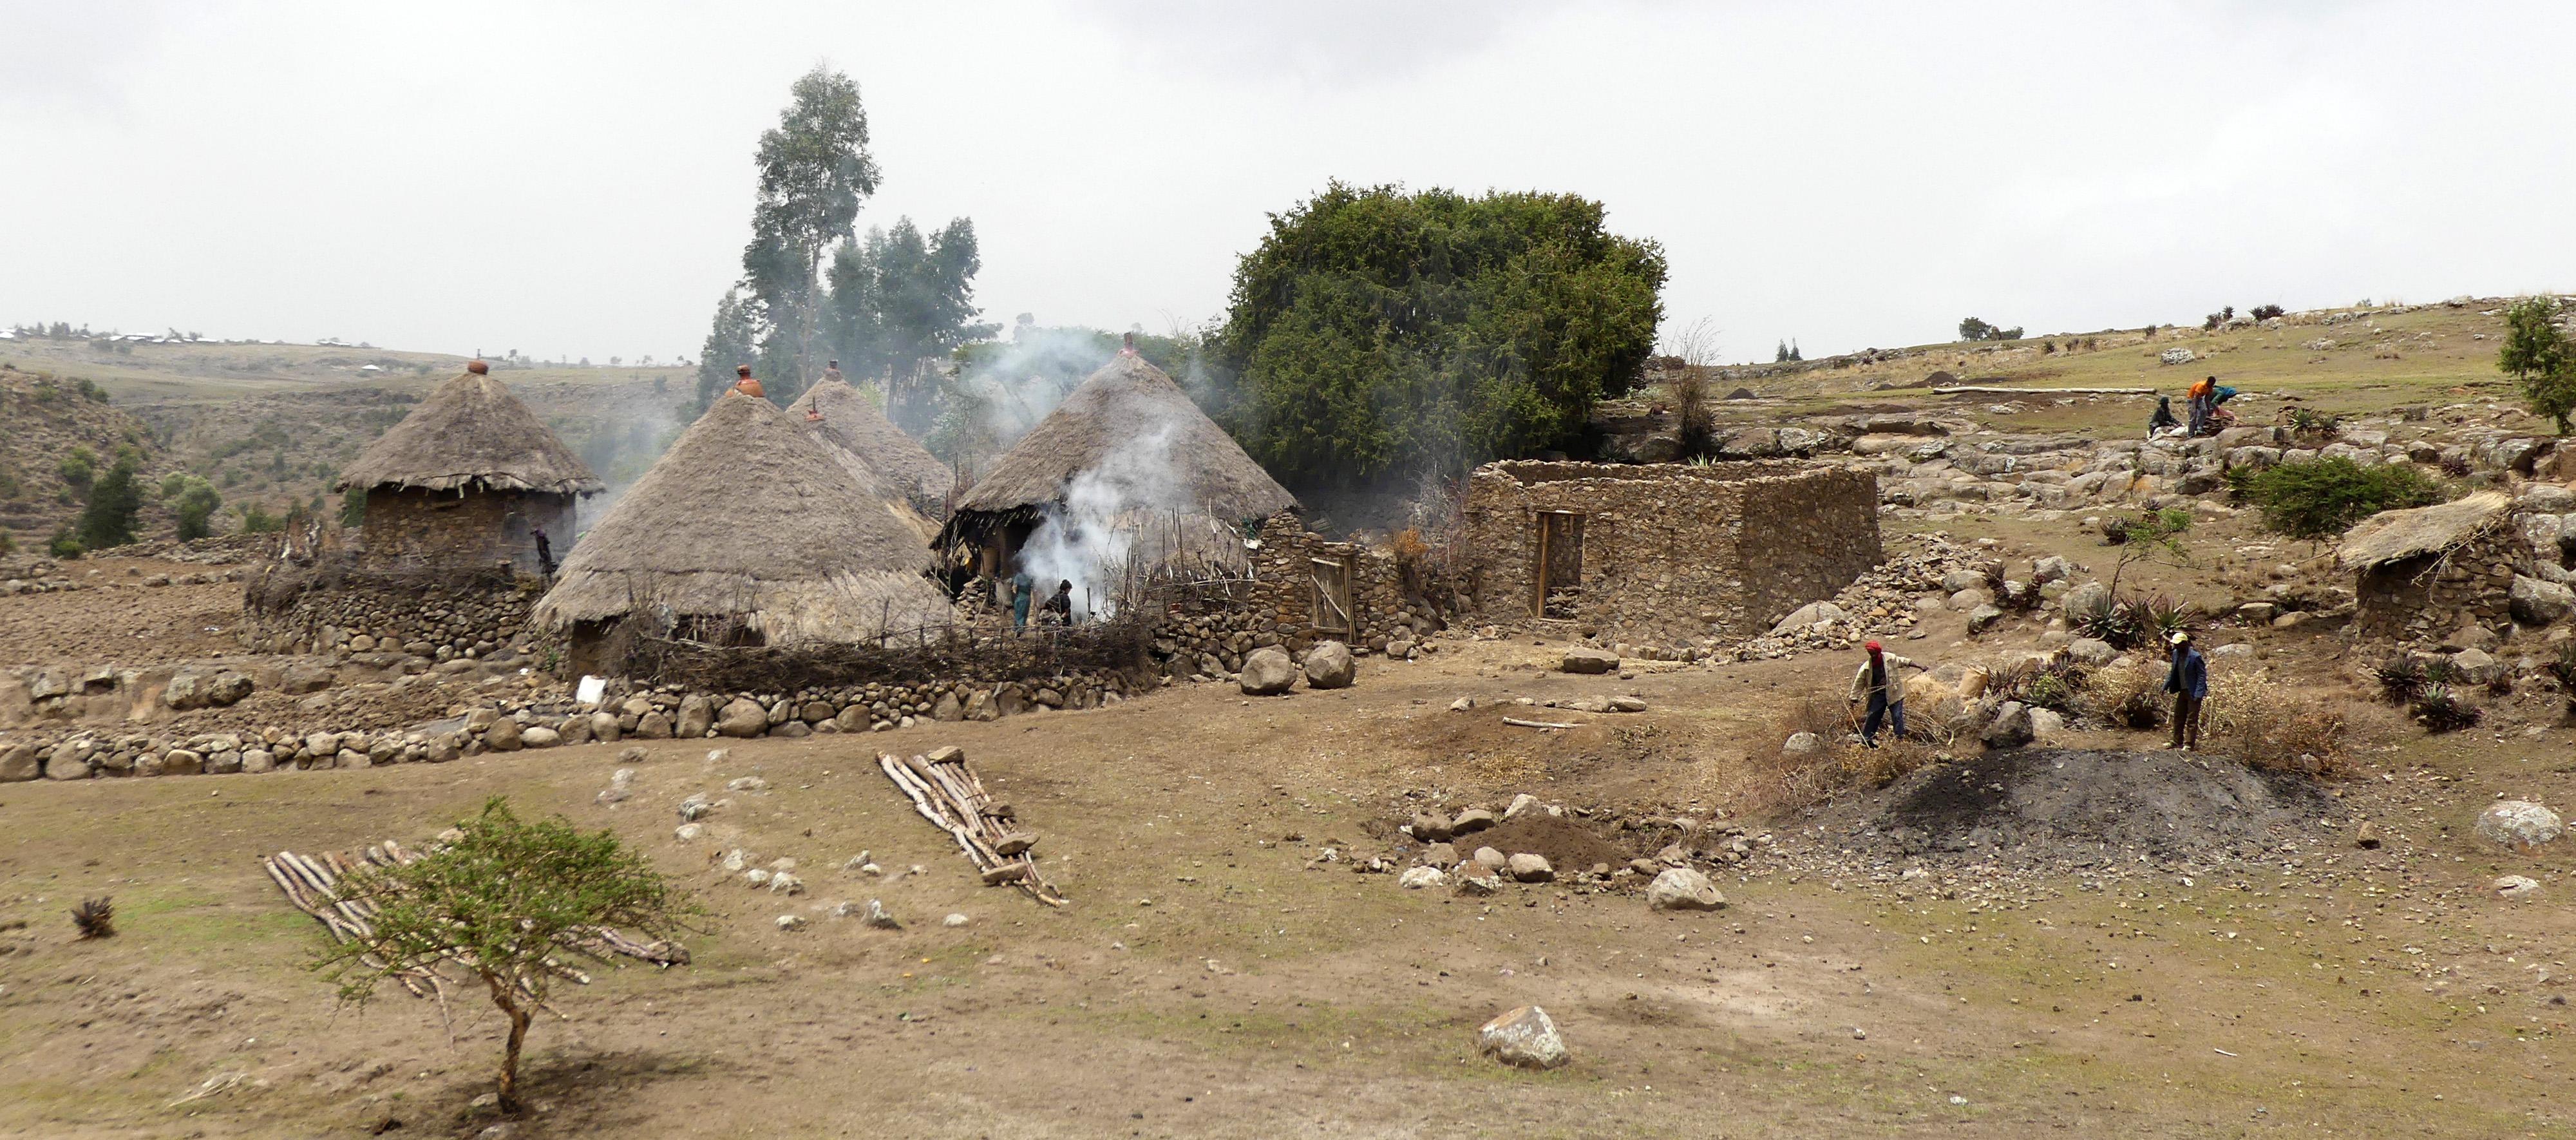 Ceramic Traditions in Central and Southern Ethiopia   UN ŒIL SUR LA